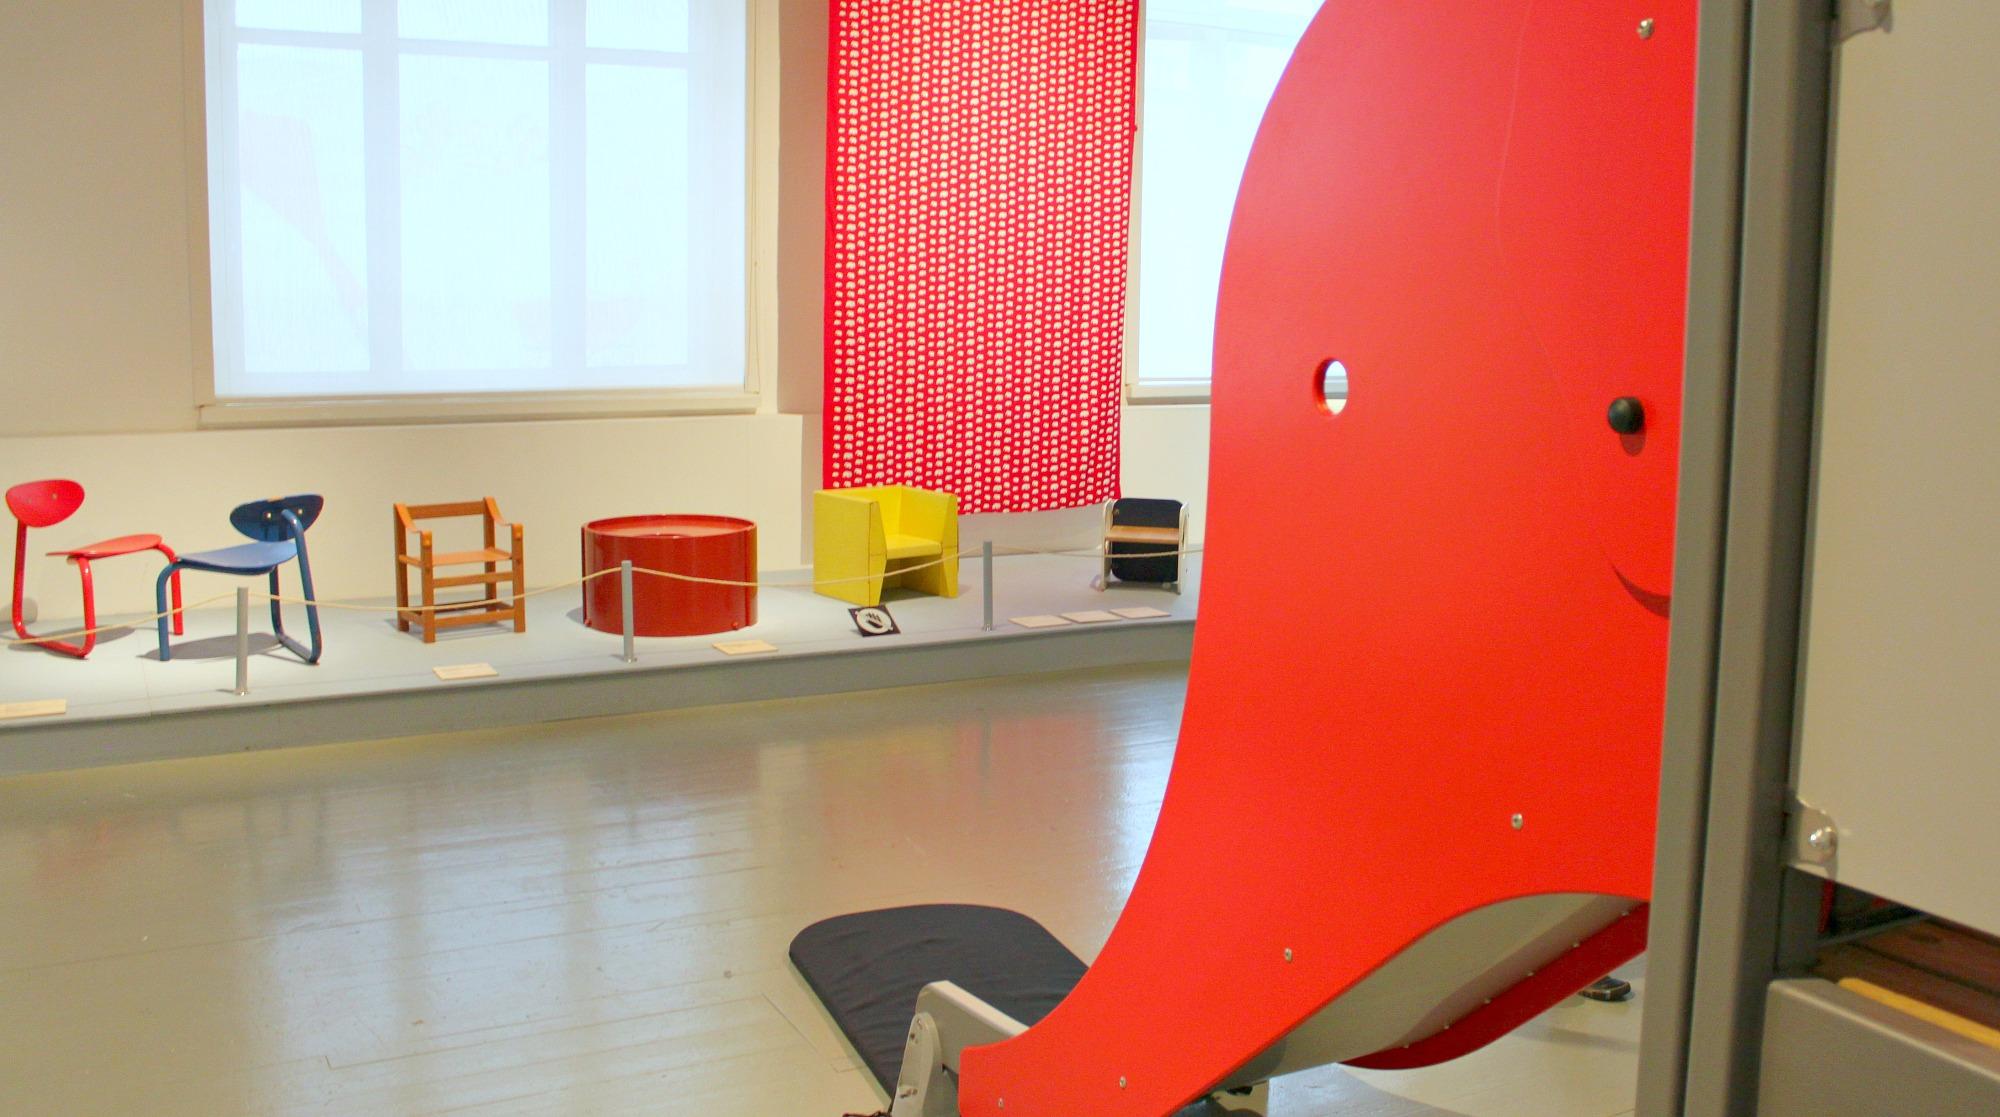 Lapsen vuosisata -näyttely Designmuseossa